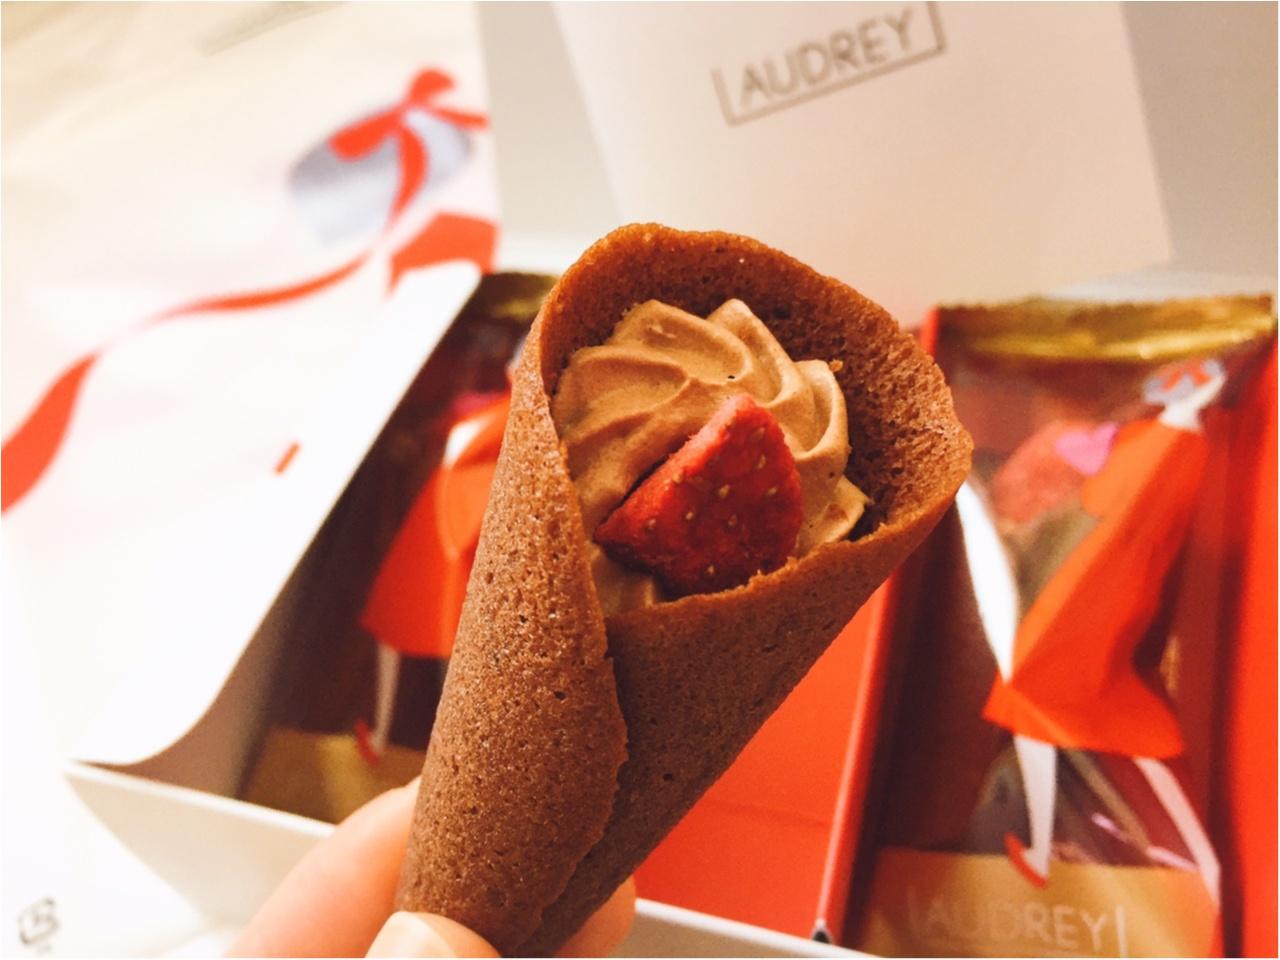 センスのよい友達から素敵なプレゼント!小さなブーケの形をした可愛い焼菓子って?_3